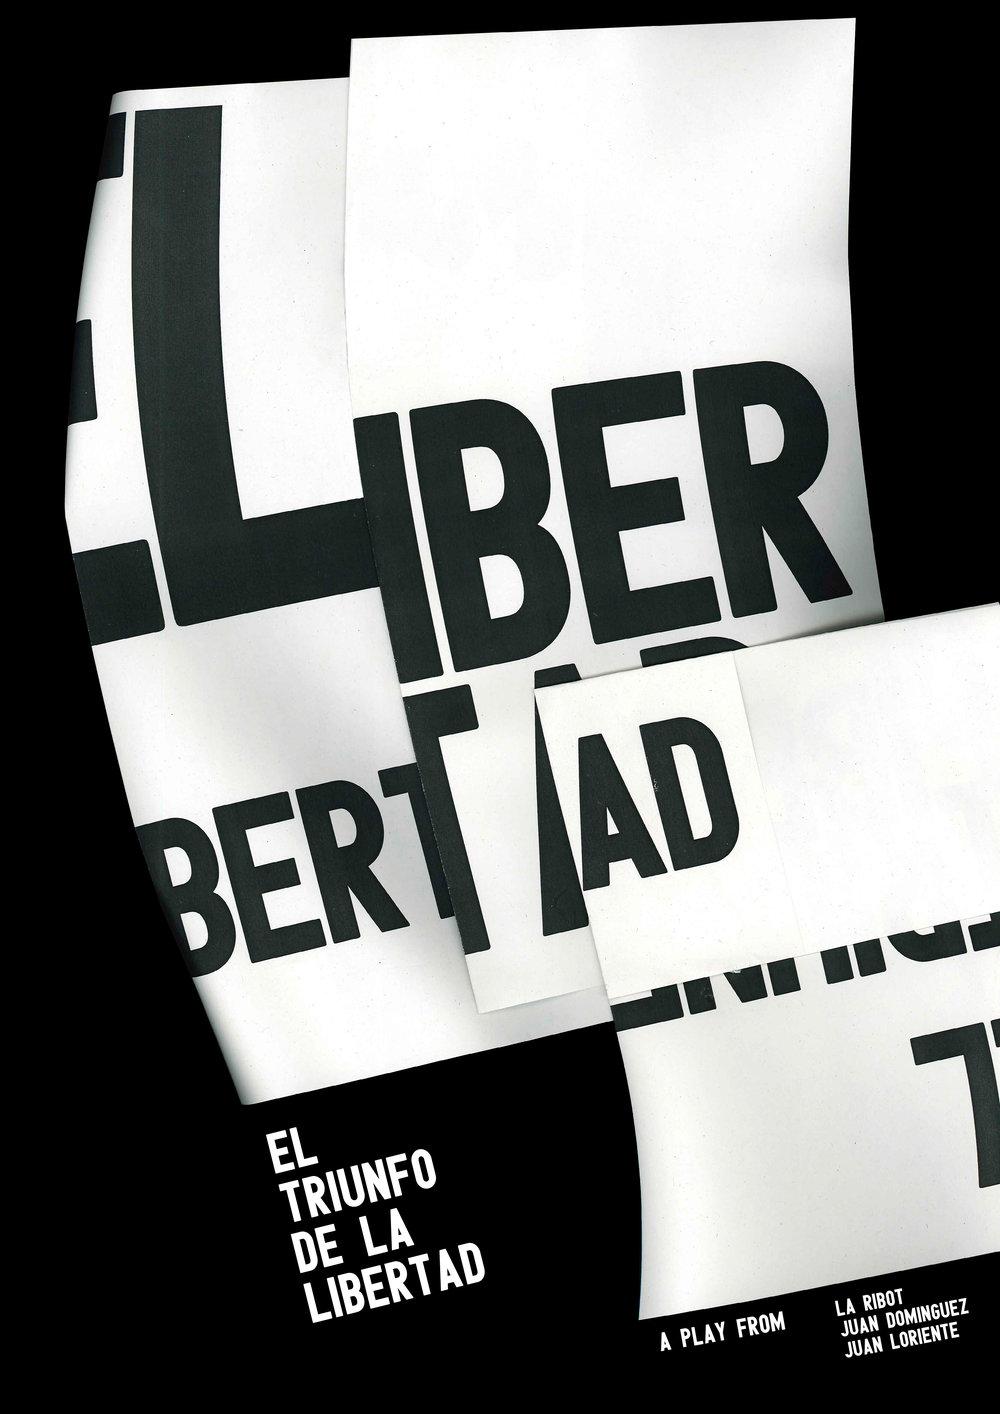 EL TRIUNFO DE LA LIBERTAD   Poster Design - Geneva